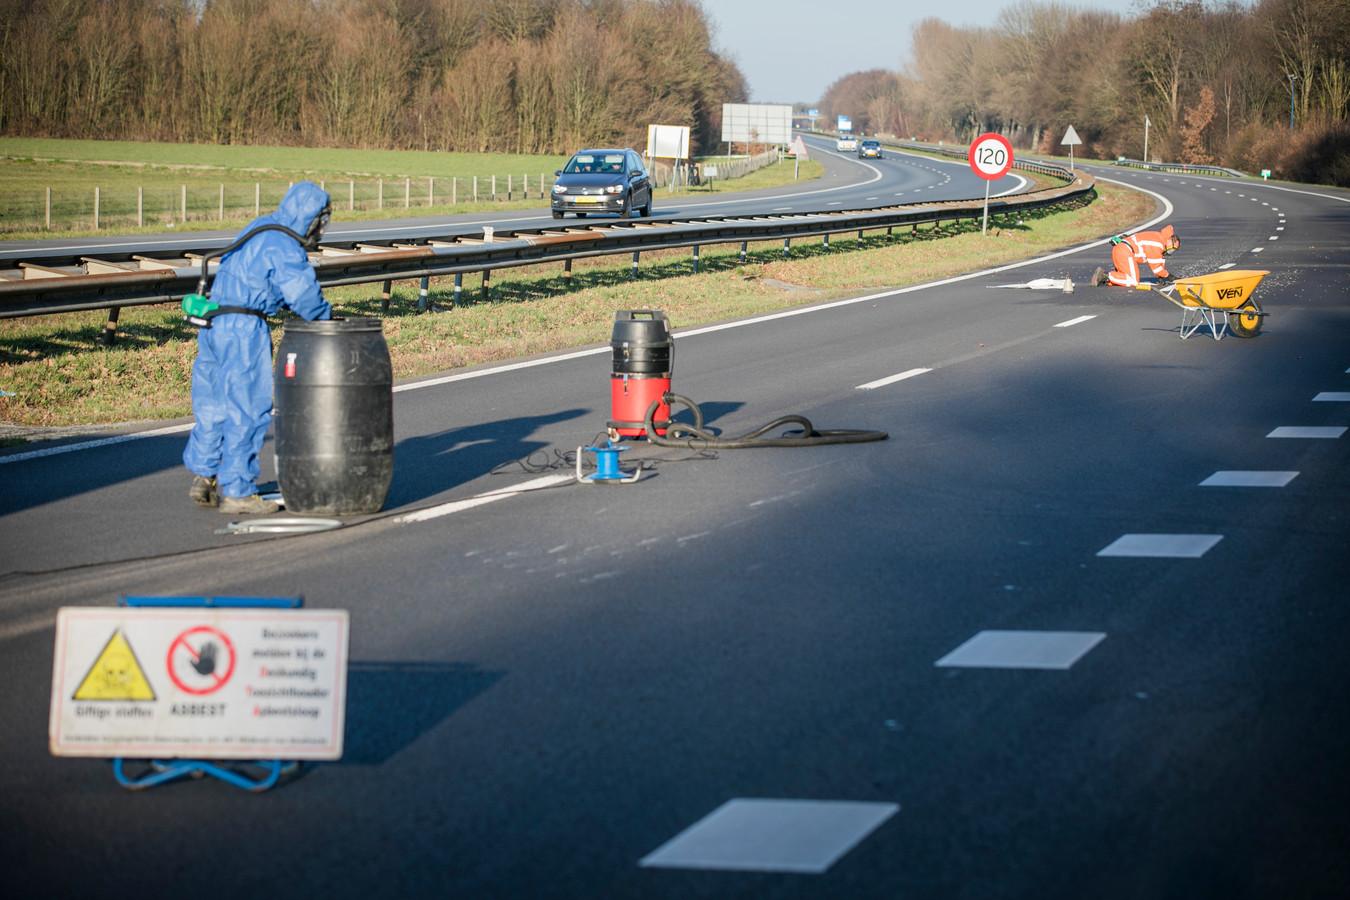 Medewerkers in speciale kleding ruimen het asbest op dat op de A326 bij Nijmegen terecht kwam.